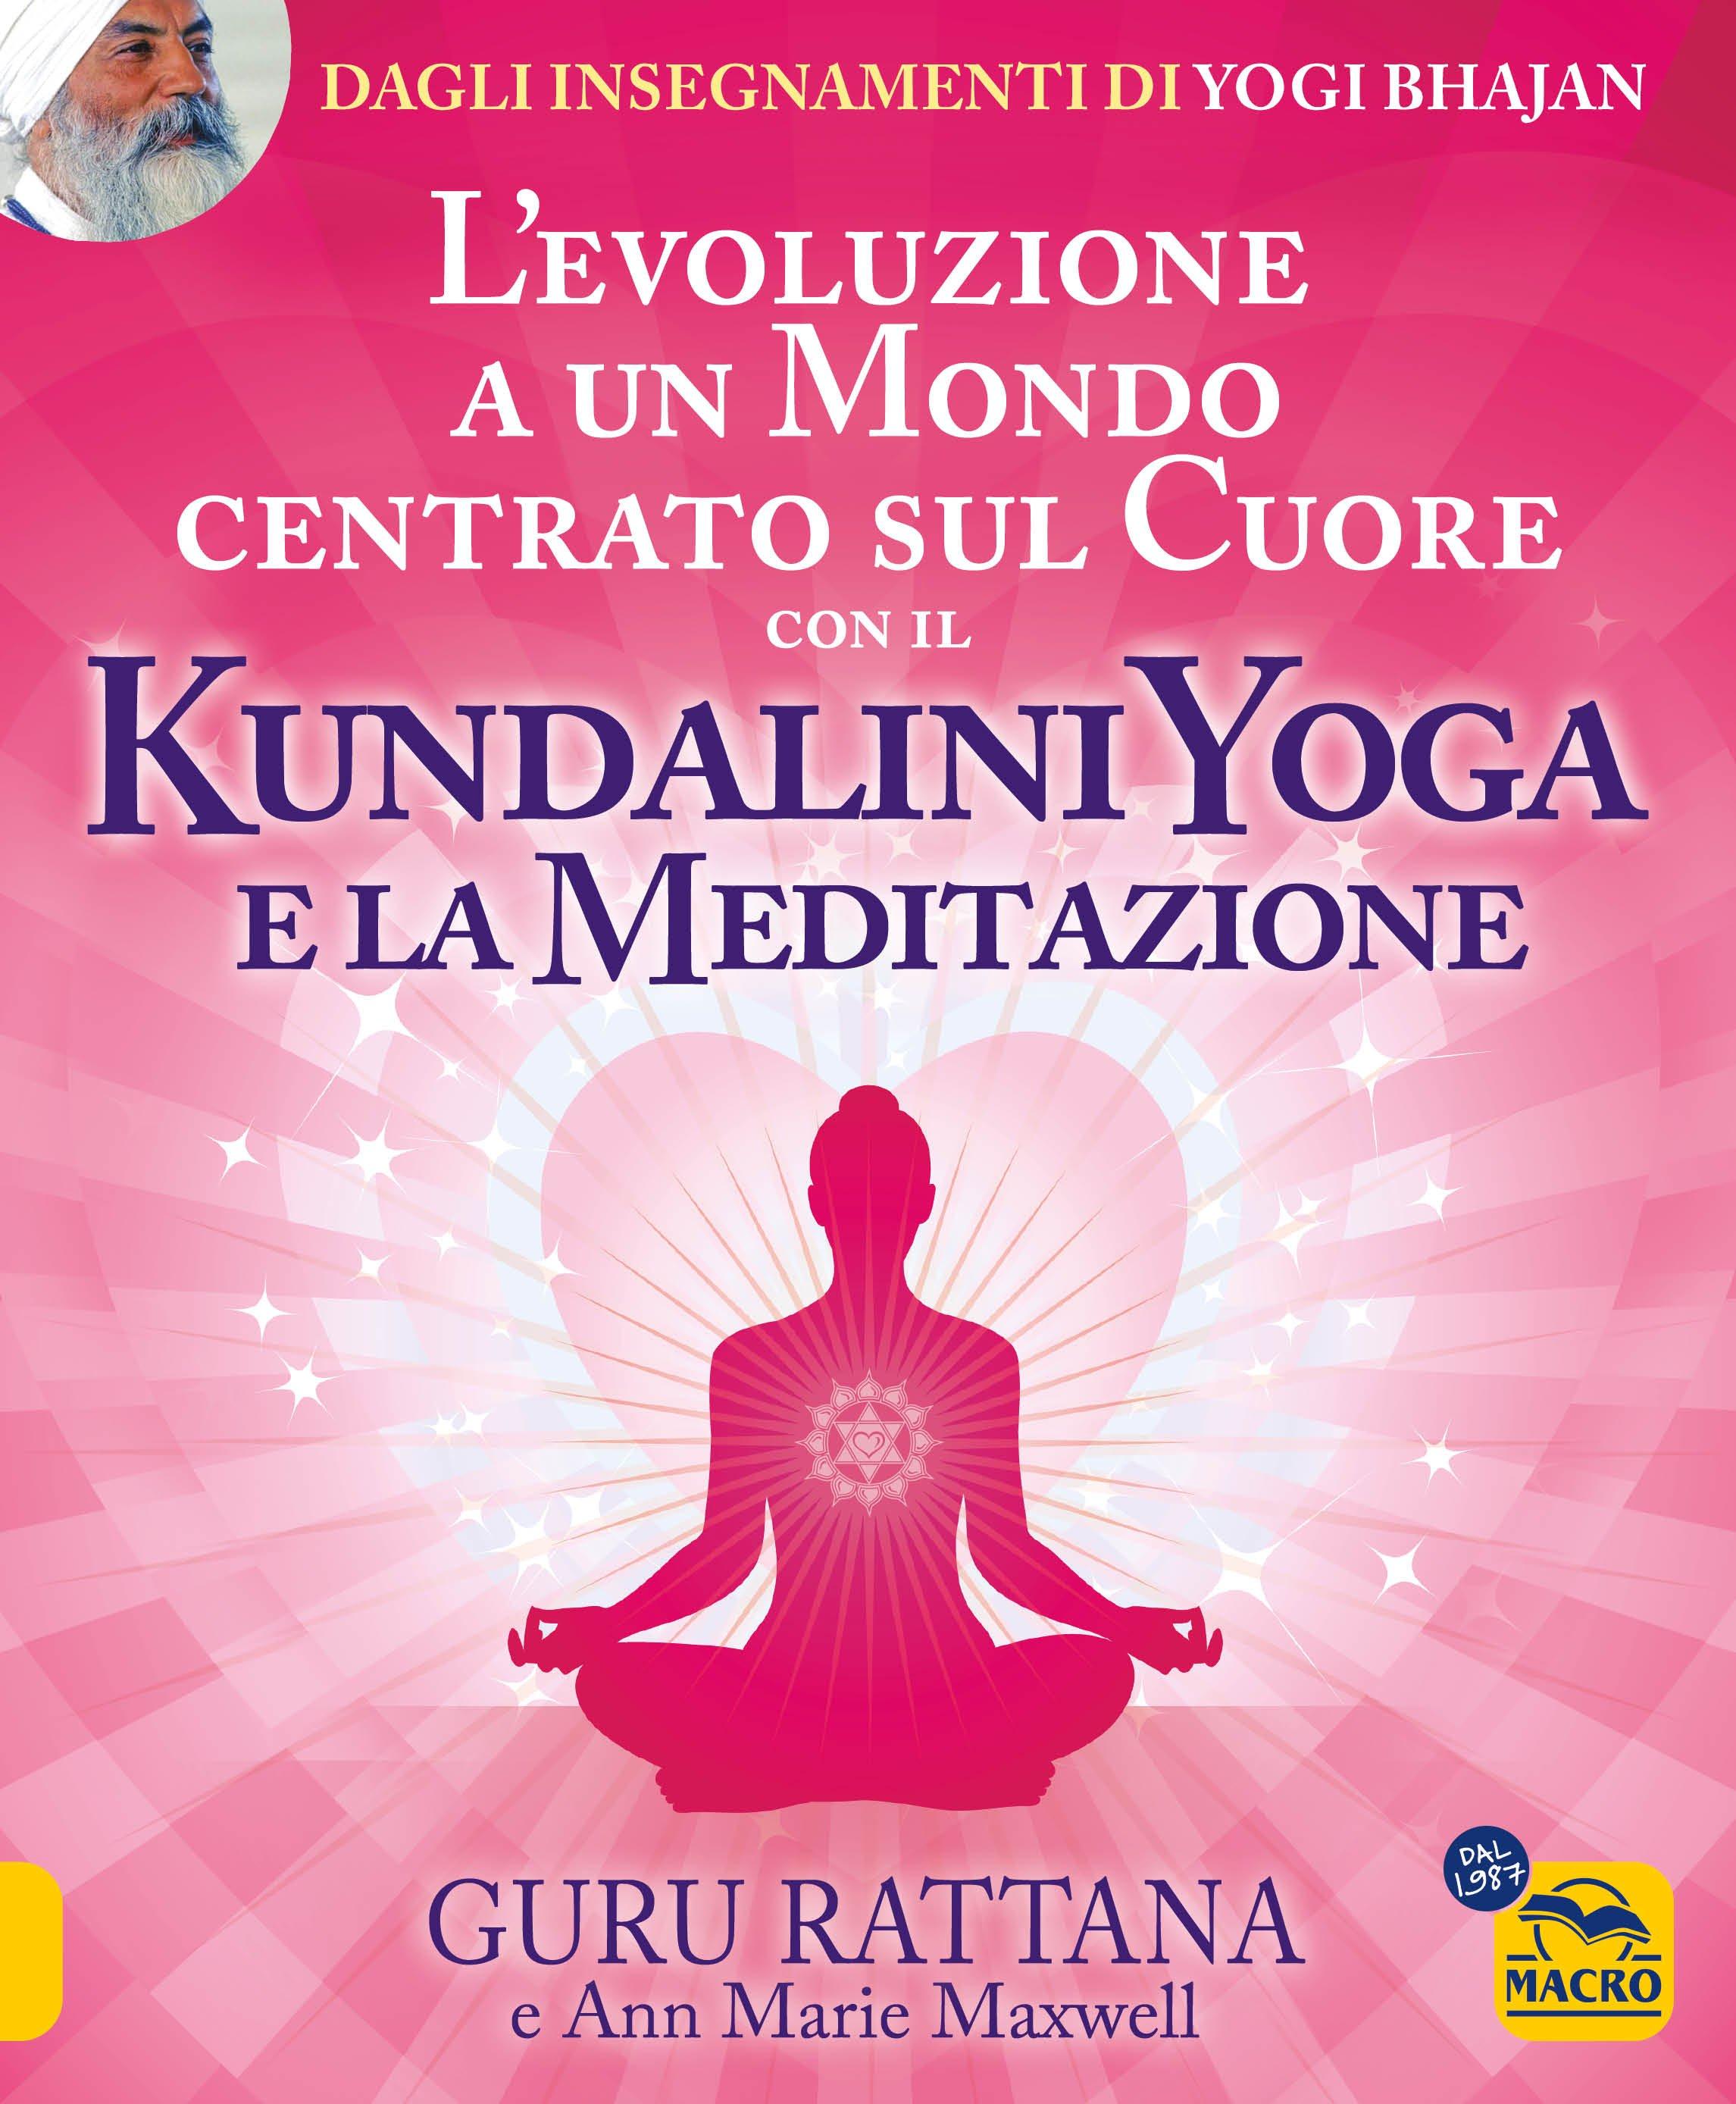 Kundalini Yoga E La Meditazione Guru Rattana